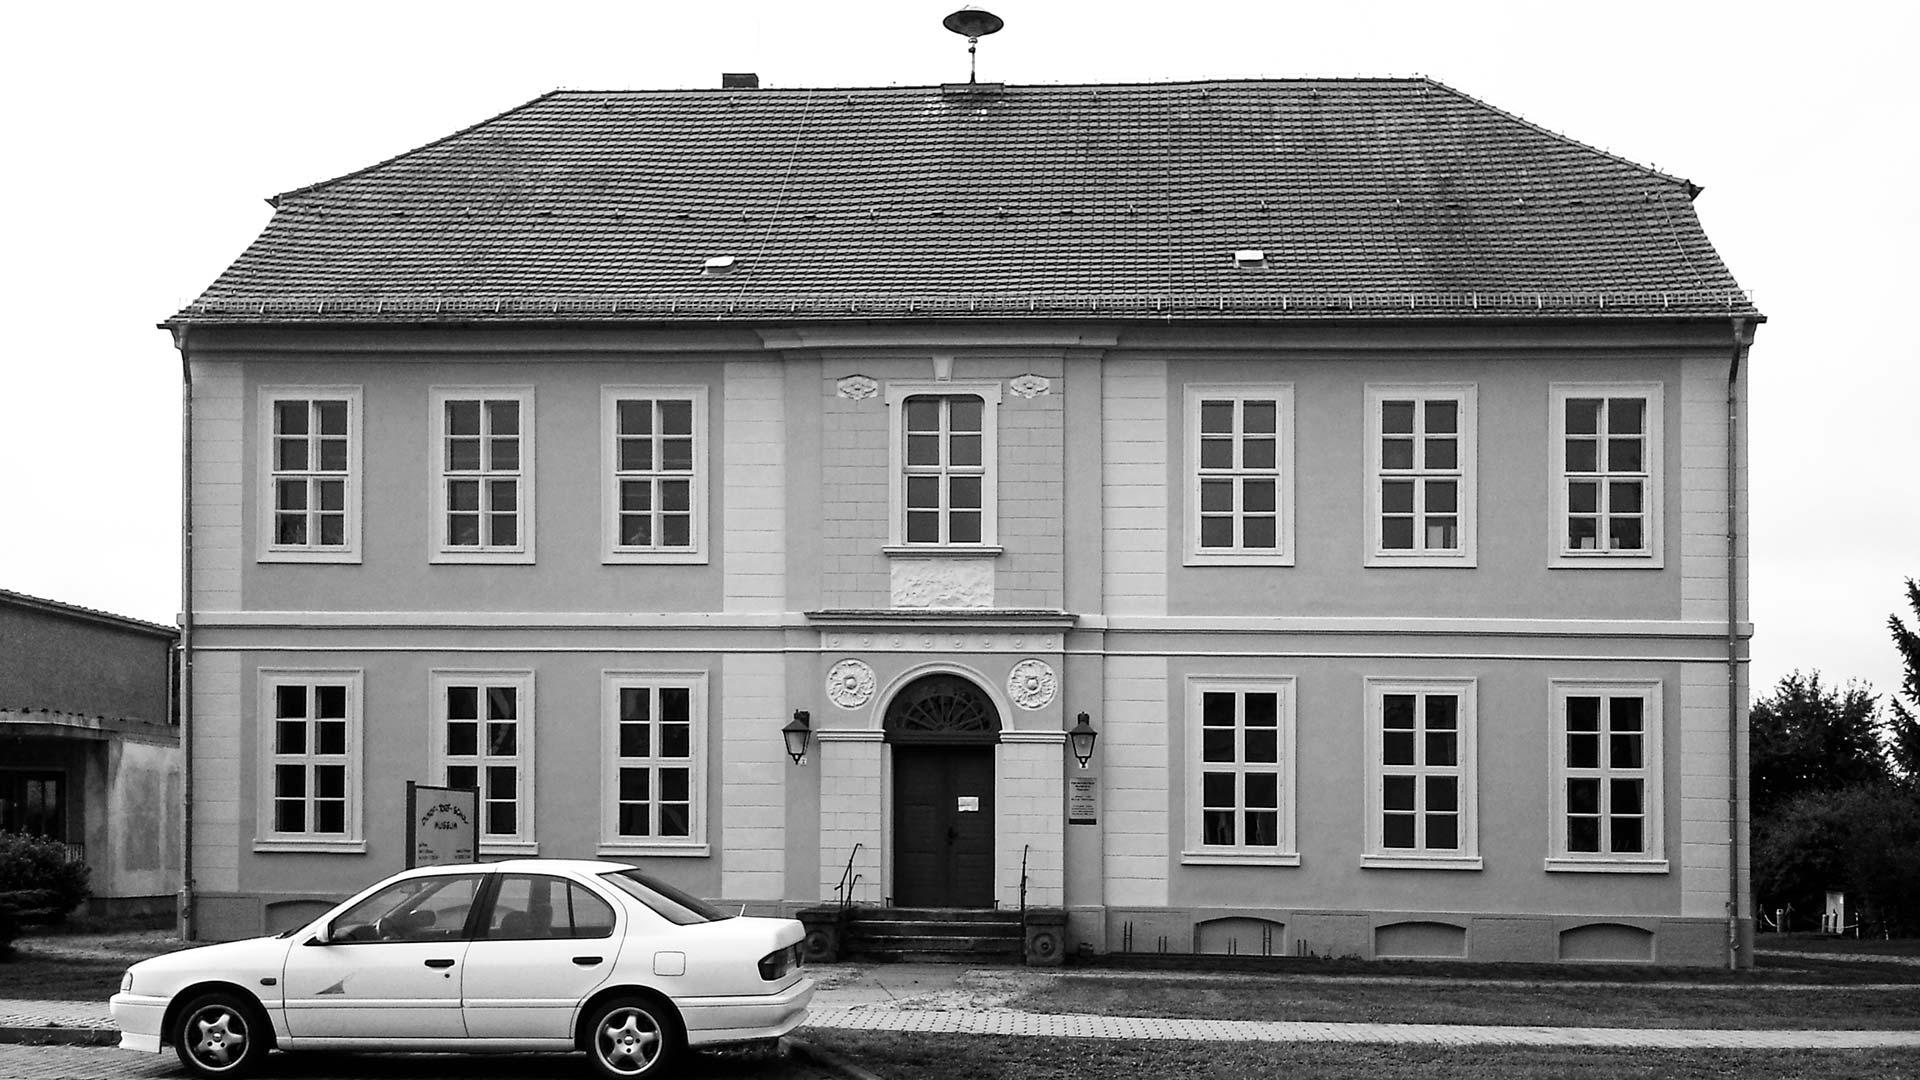 Da sieht man mal wieder wo das Geld steckt. Das Gutshaus der Familie von Kleist. Genau, die von Kleist's. Die hat hier mal gewohnt und gewirkt. Zumindest am eigenen Haus. Heute ist es ein Museum.